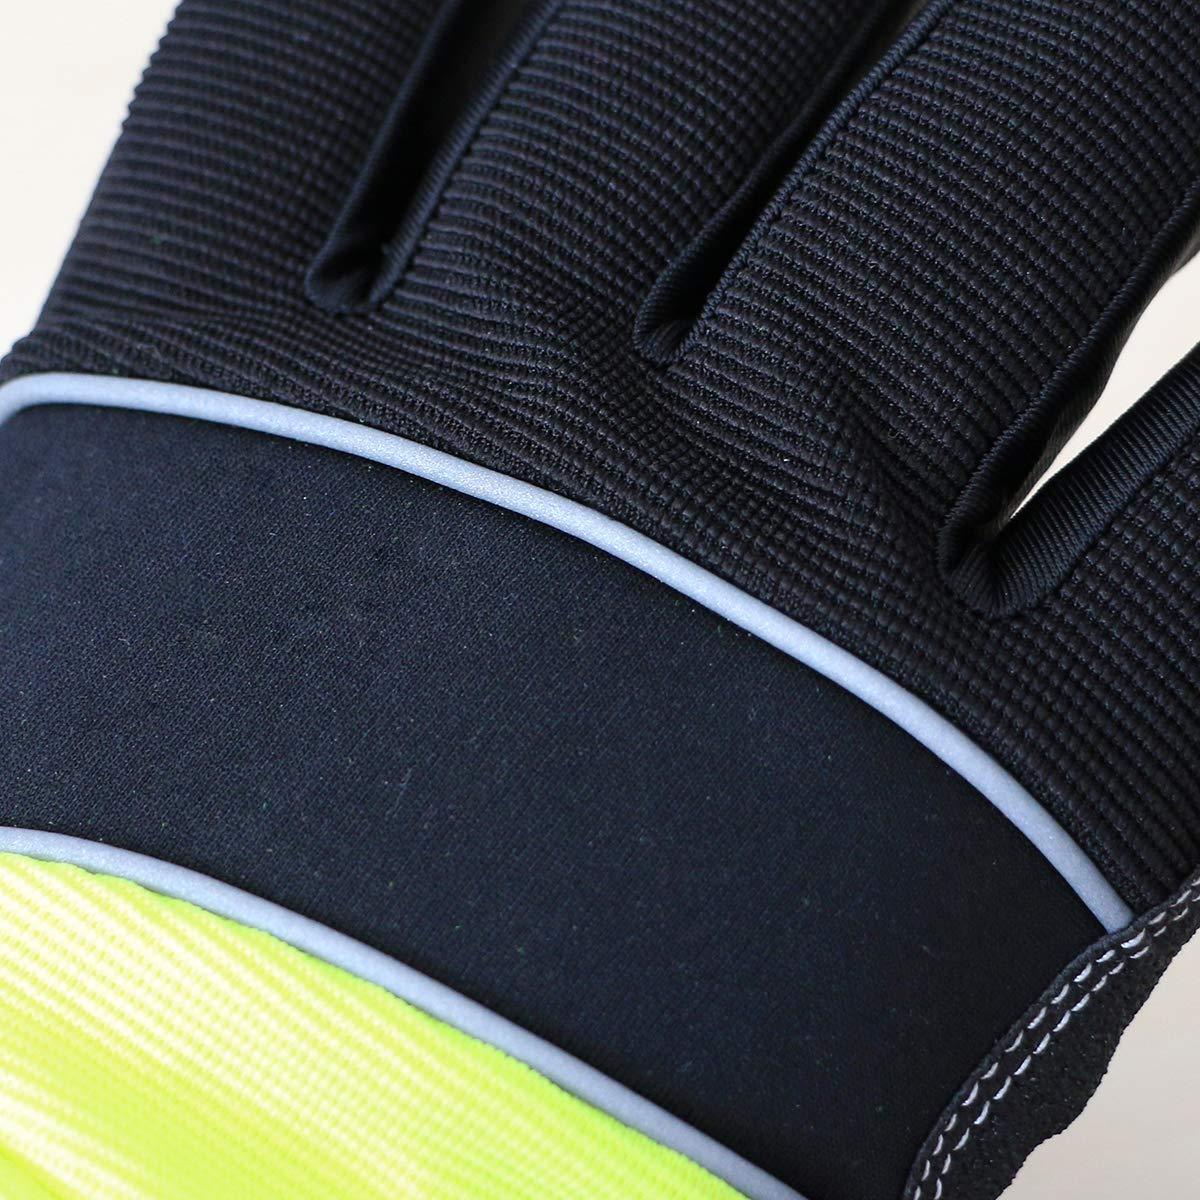 Guanti da lavoro invernali impermeabili Worksafe A80-537W imbottiti A80-537W